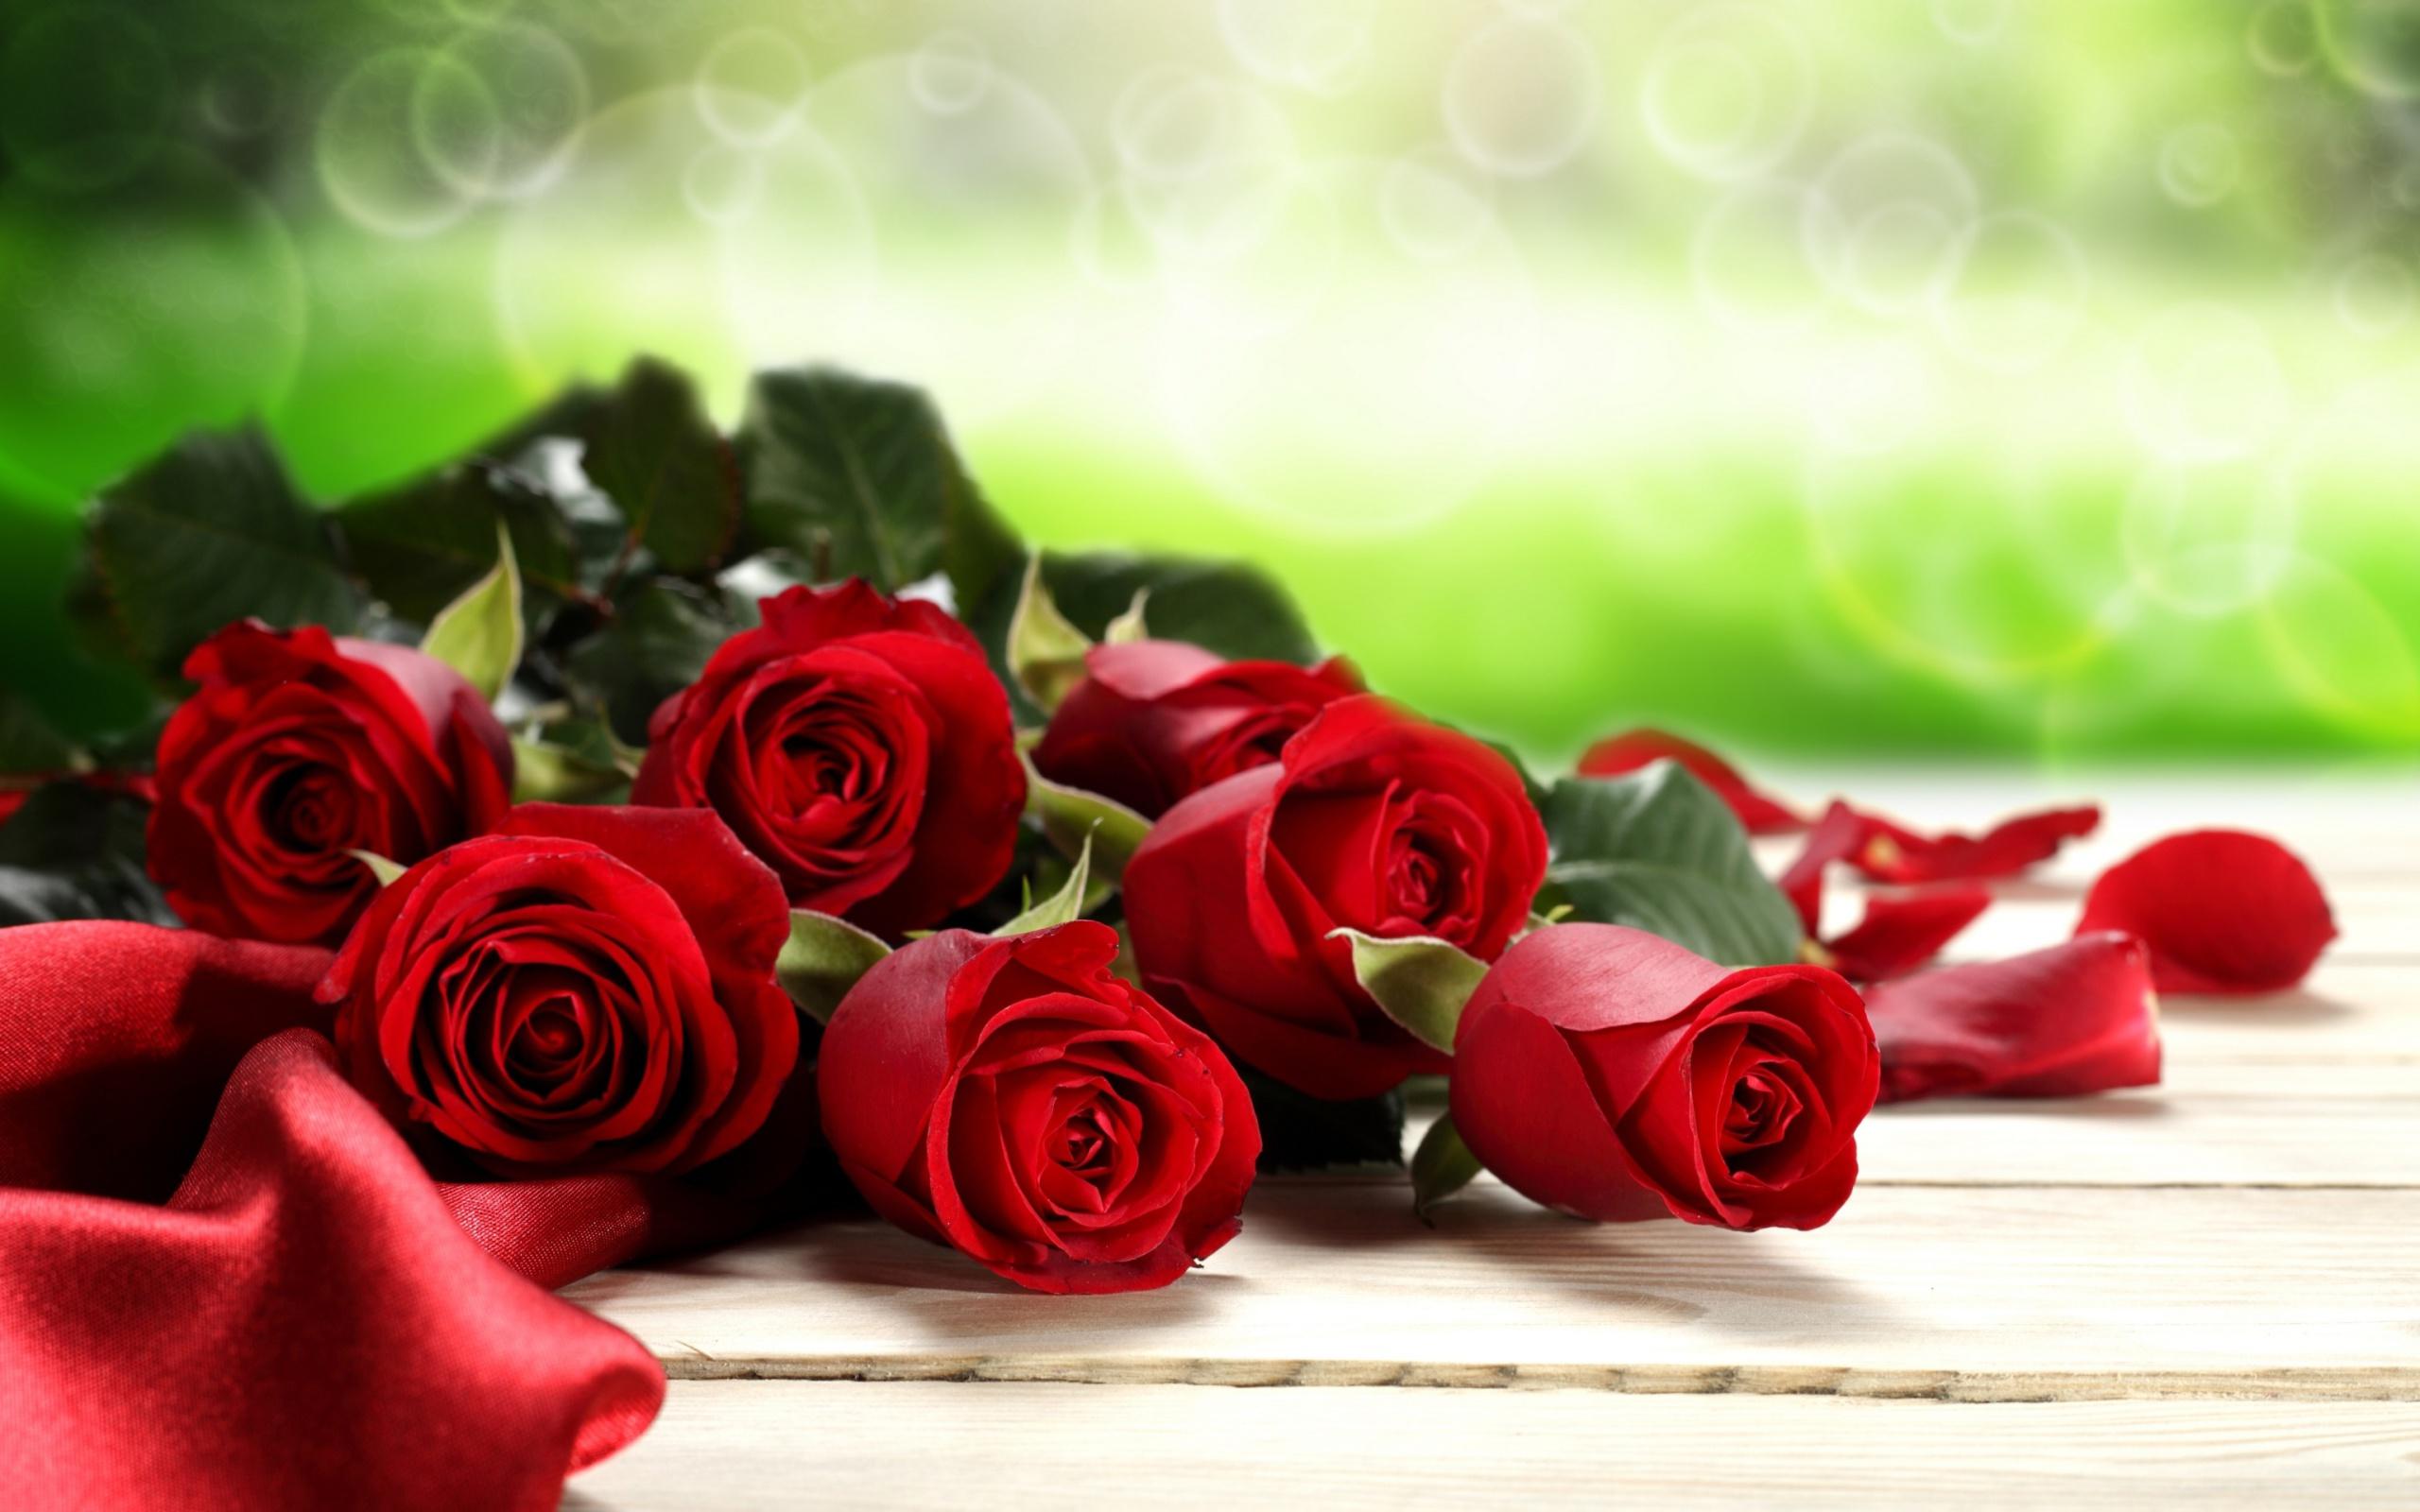 Картинки красивые розы с надписями (35 фото) Прикольные картинки и юмор 14